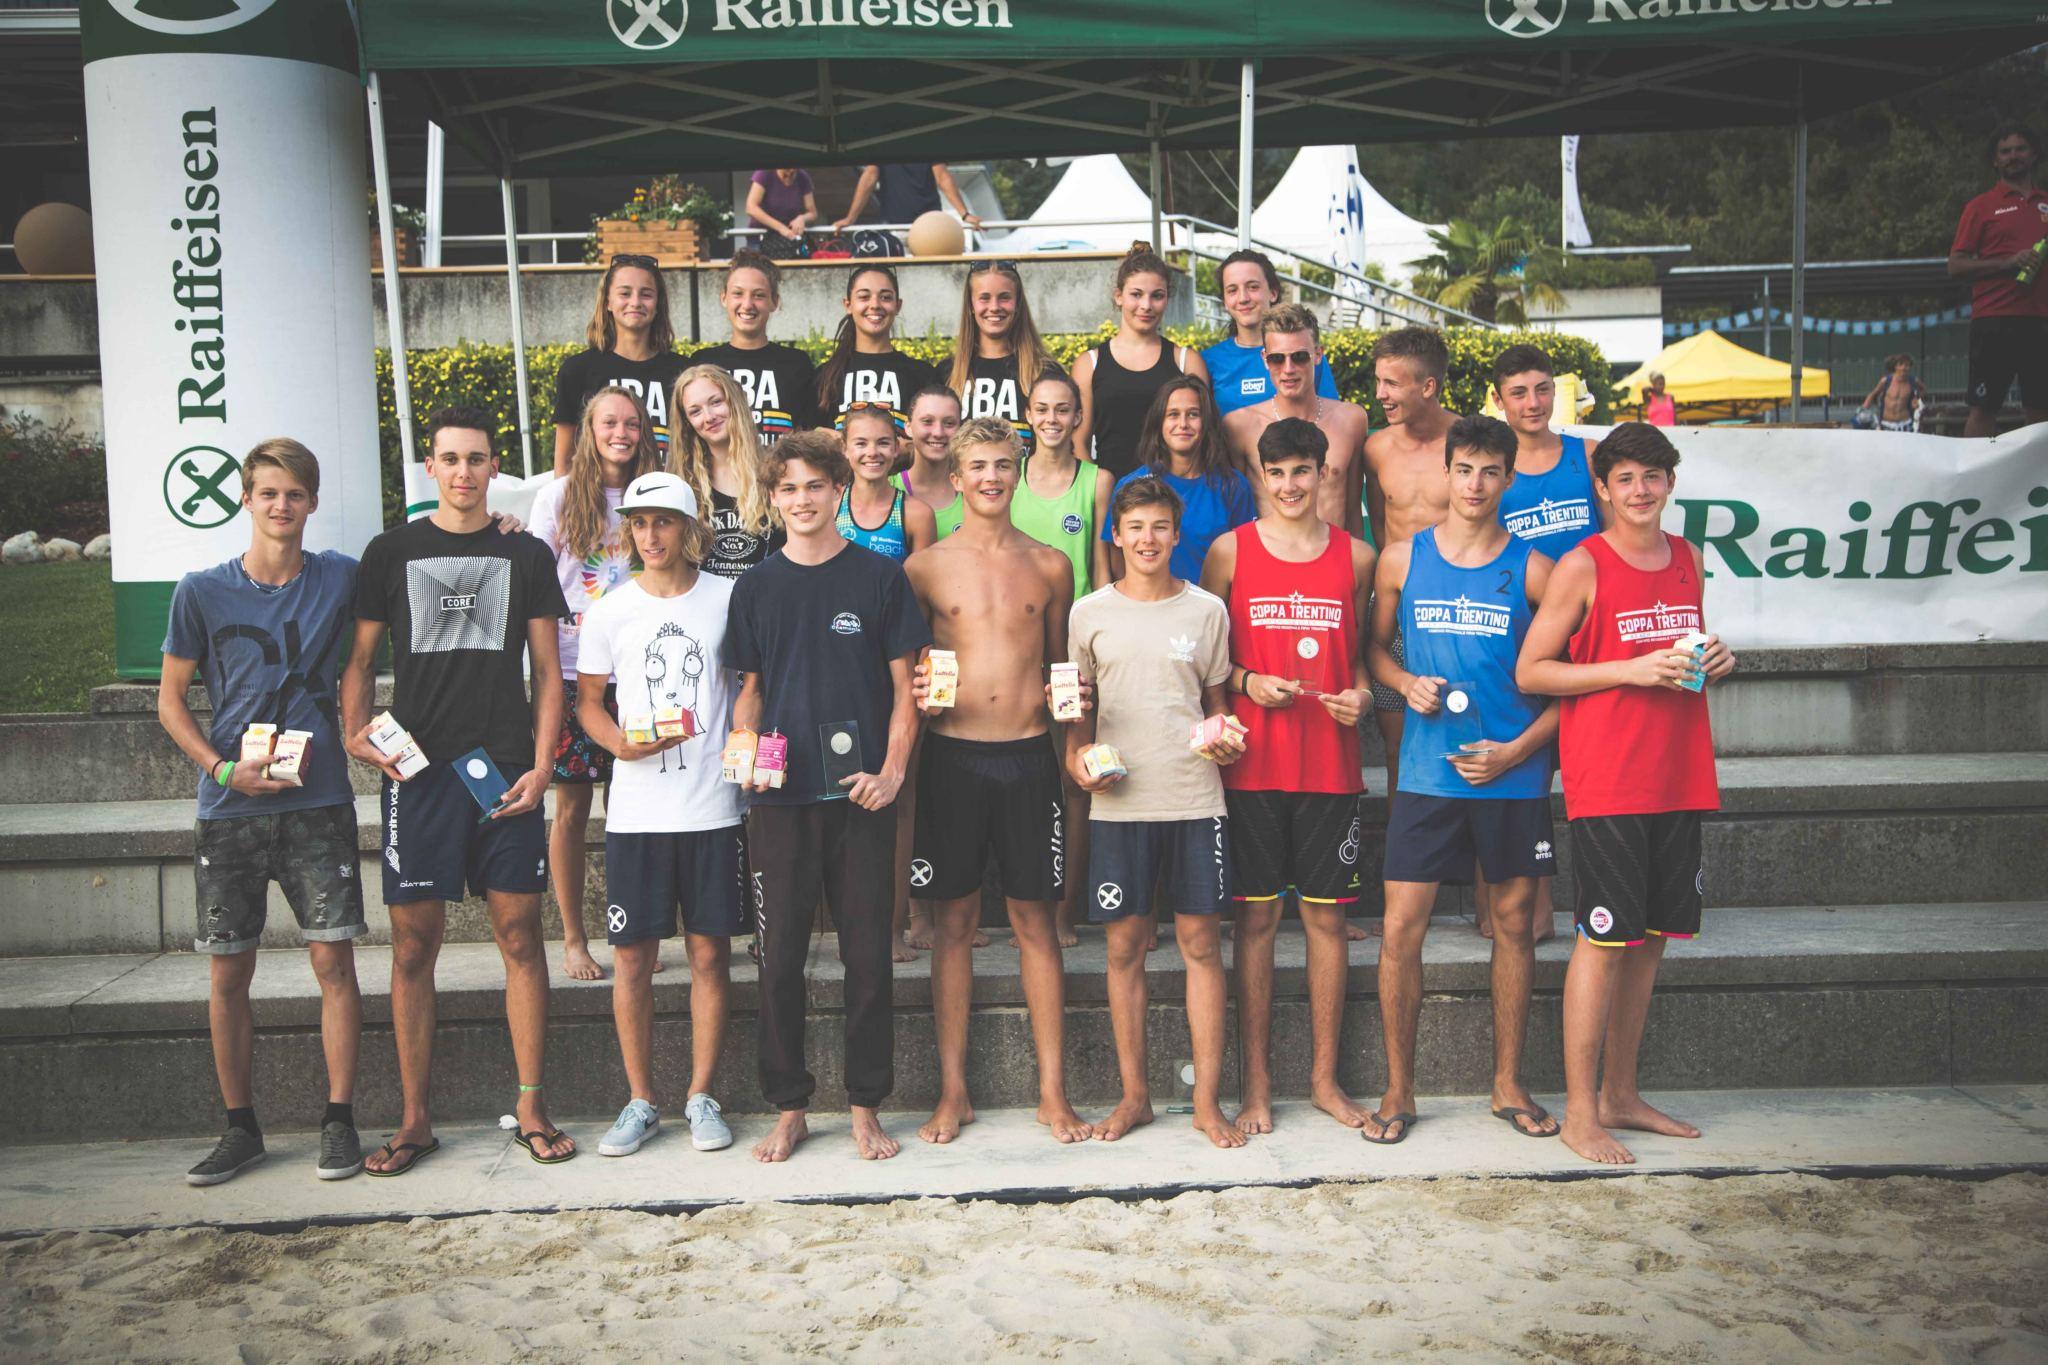 Ein großer Tag für die Südtiroler Beachvolleyball-Szene